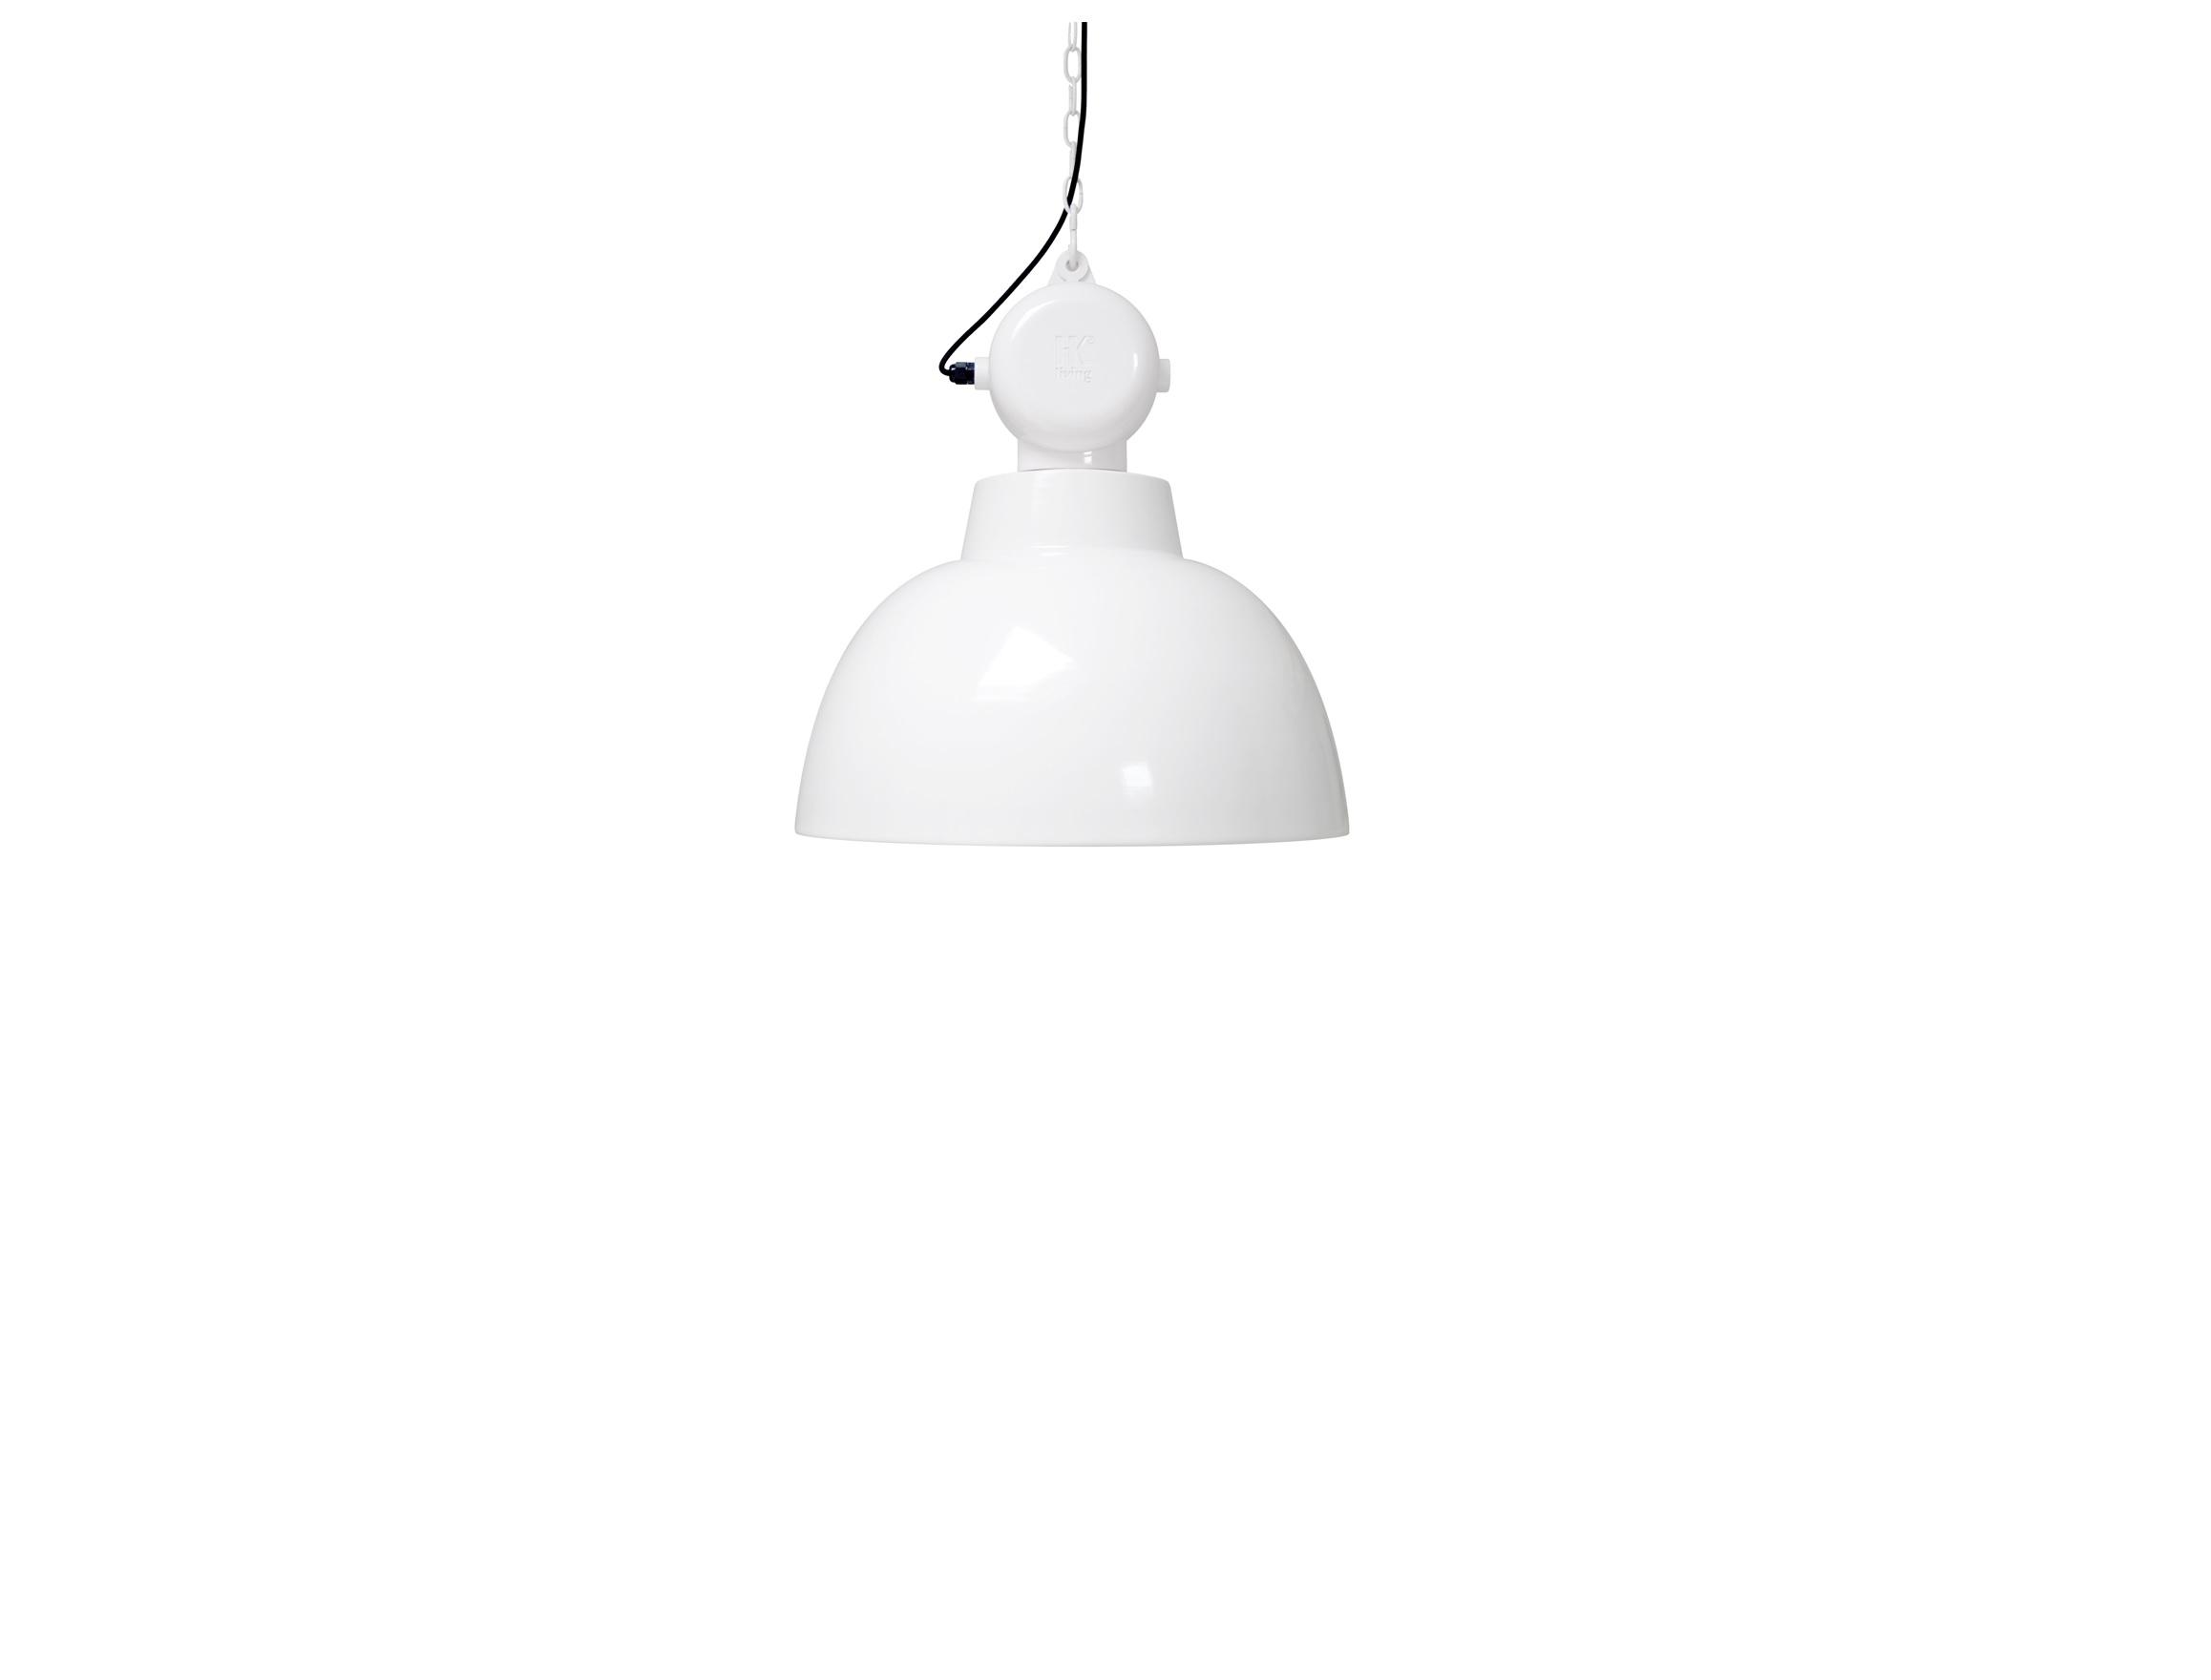 Лампа FACTORYПодвесные светильники<br>Индустриальный светильник в ярком исполнении. Черный шнур + металлическая цепь длиной 2 м.&amp;lt;div&amp;gt;&amp;lt;br&amp;gt;&amp;lt;/div&amp;gt;&amp;lt;div&amp;gt;Вид цоколя: Е27&amp;lt;/div&amp;gt;&amp;lt;div&amp;gt;Мощность: 60W&amp;lt;/div&amp;gt;&amp;lt;div&amp;gt;Количество ламп: 1&amp;lt;/div&amp;gt;<br><br>Material: Металл<br>Height см: 55<br>Diameter см: 50